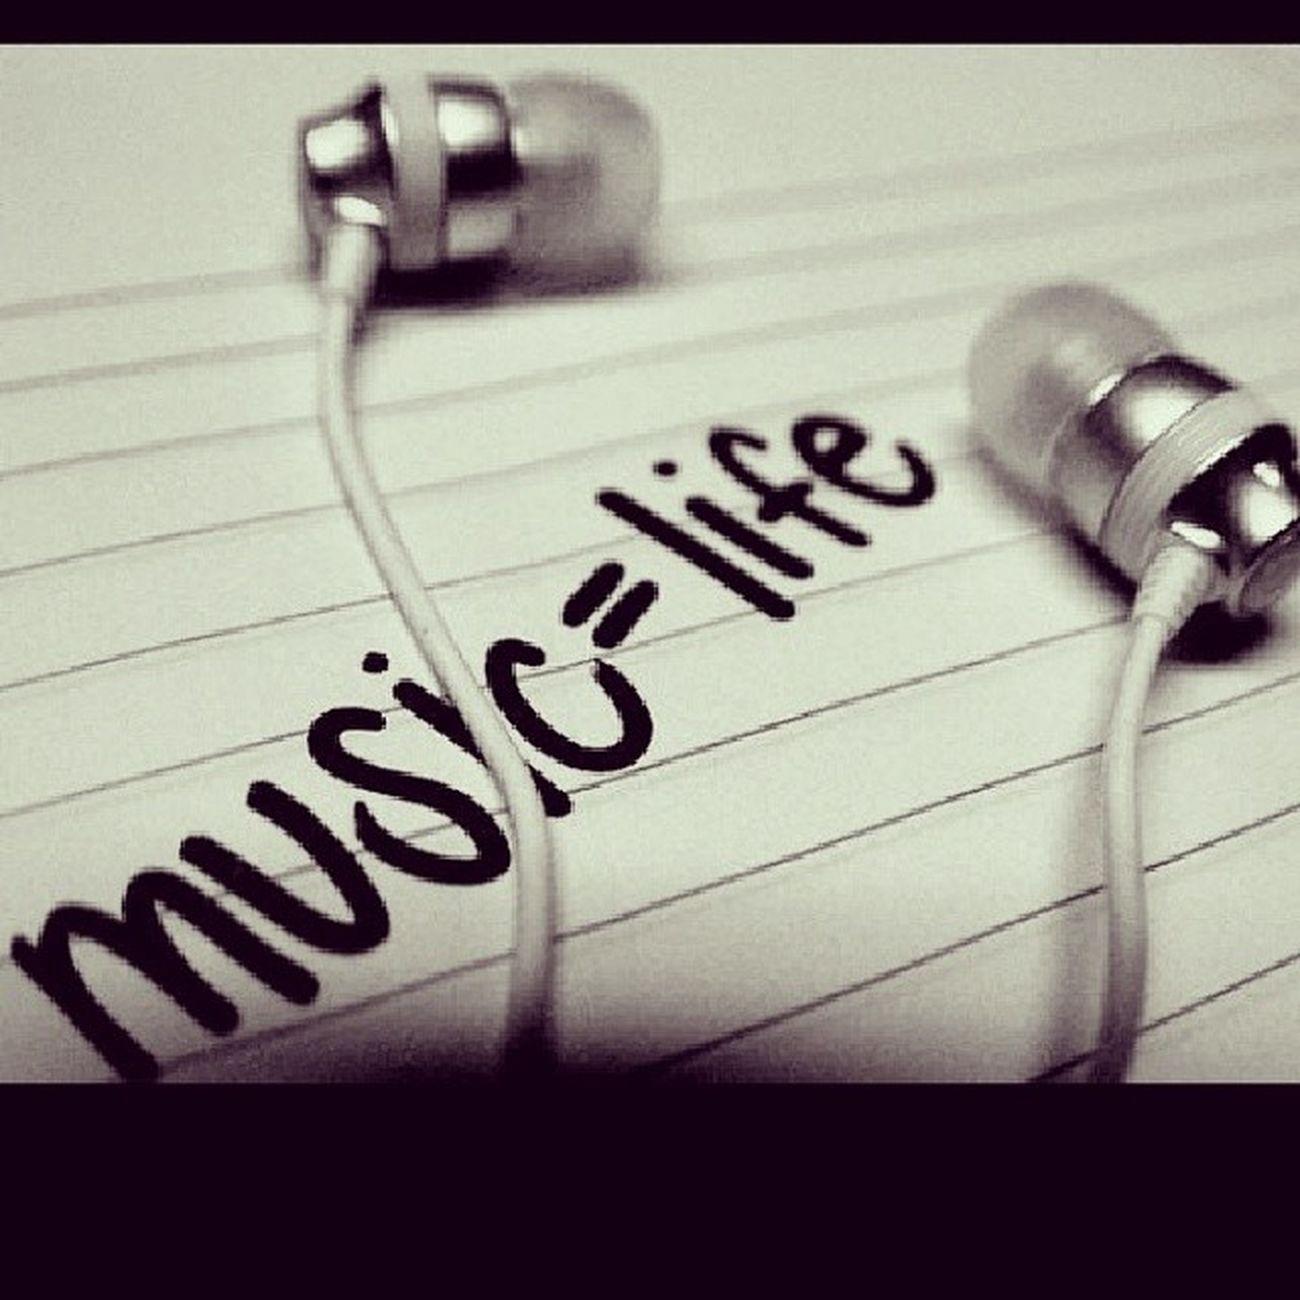 Bazen  Unutmak Gerekir Yaşananları pişman olursun sölediğin için sevdiğini söyleyememek sen o zannederken sensindir düşündüğü bazen çok çaresiz kalırsın işte o an müzikler anlar ruhunu